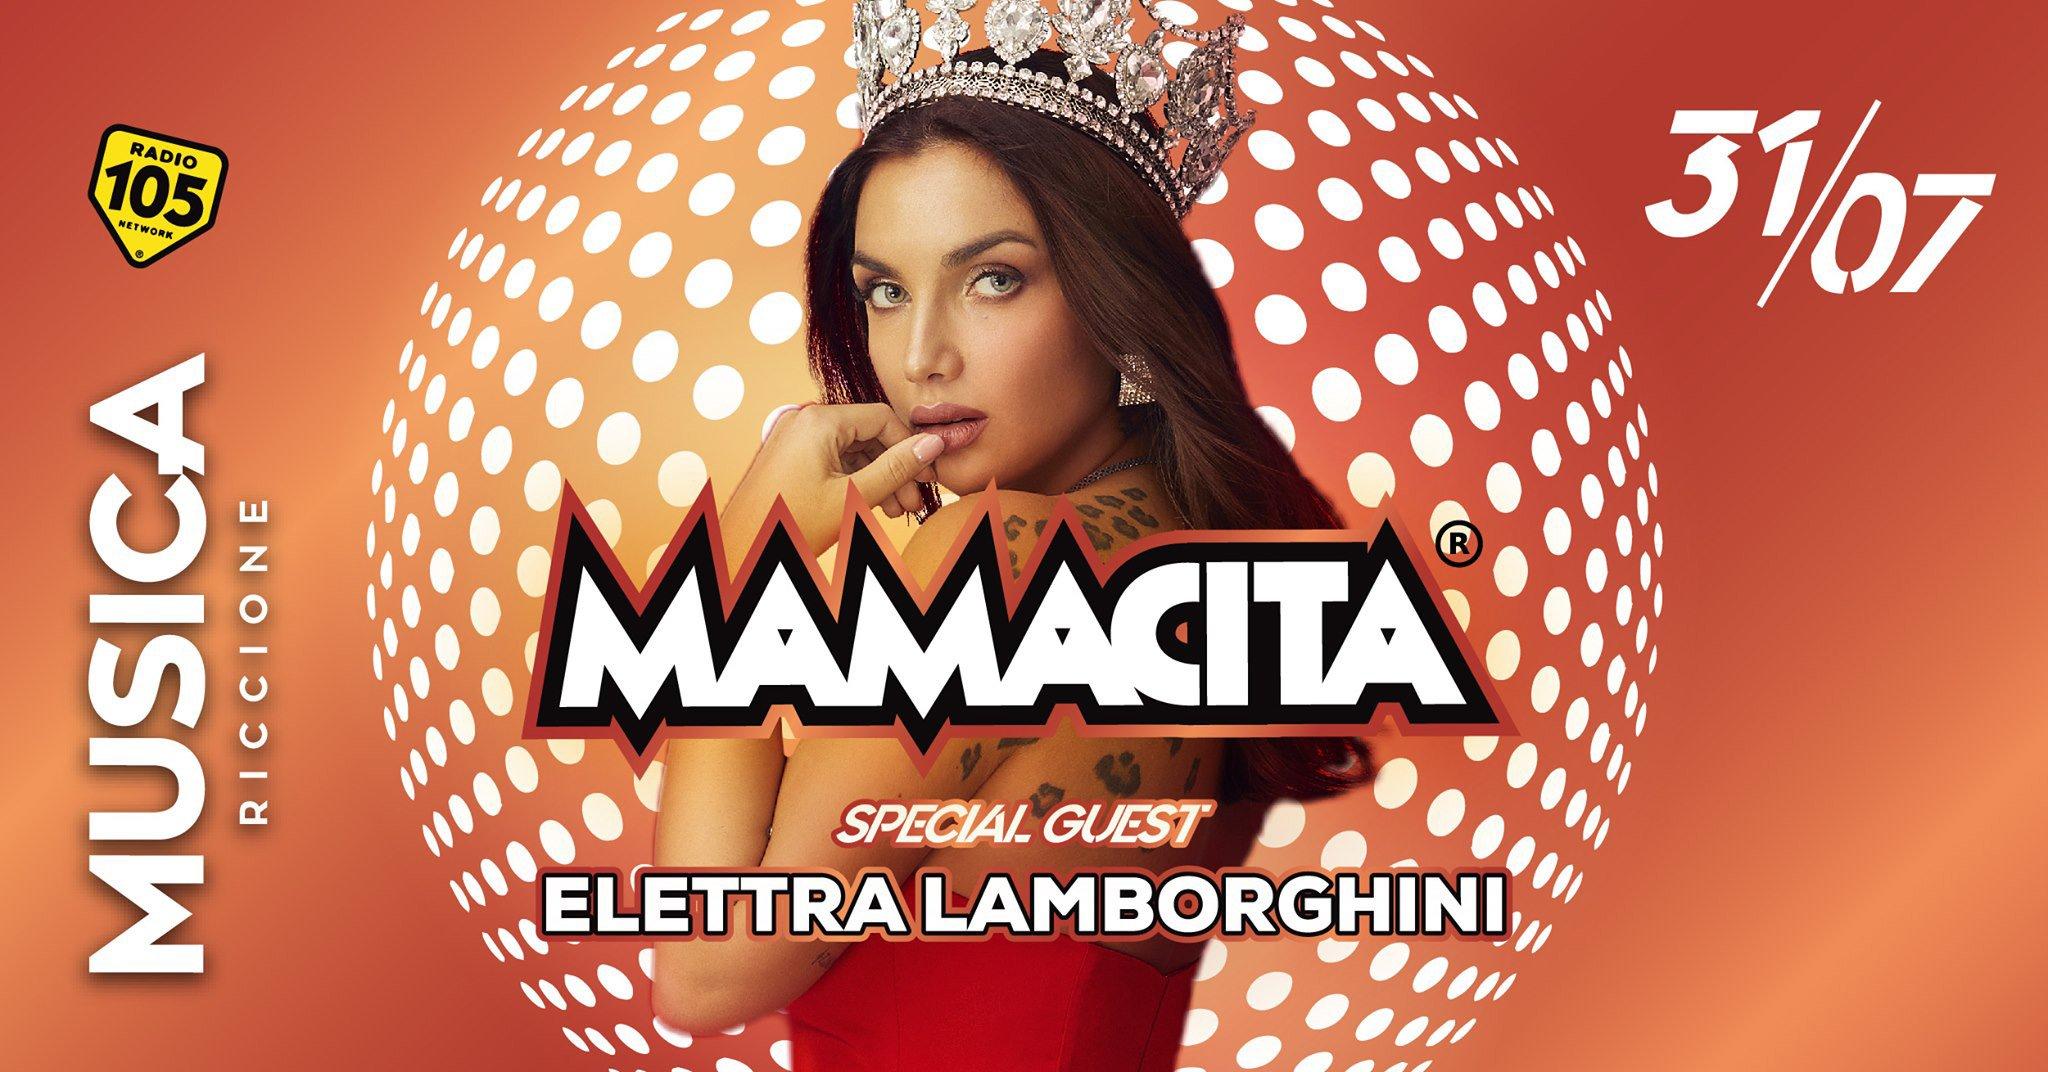 Elettra Lamborghini Musica Riccione Mamacita – Venerdì 31 07 2020